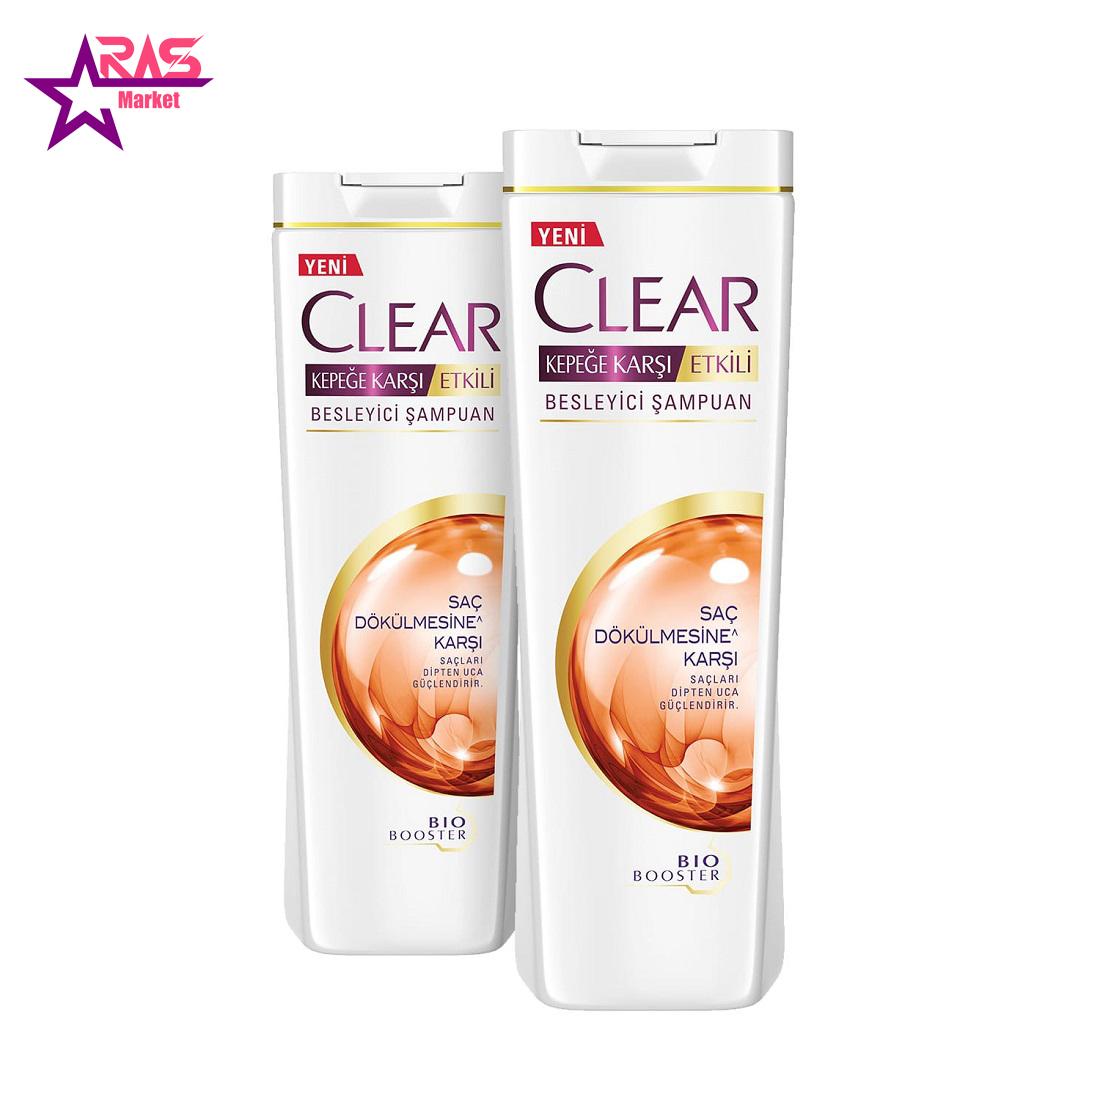 شامپو زنانه کلیر ضد شوره و ضد ریزش مو 500 میلی لیتر ، فروشگاه اینترنتی ارس مارکت ، clear shampoo